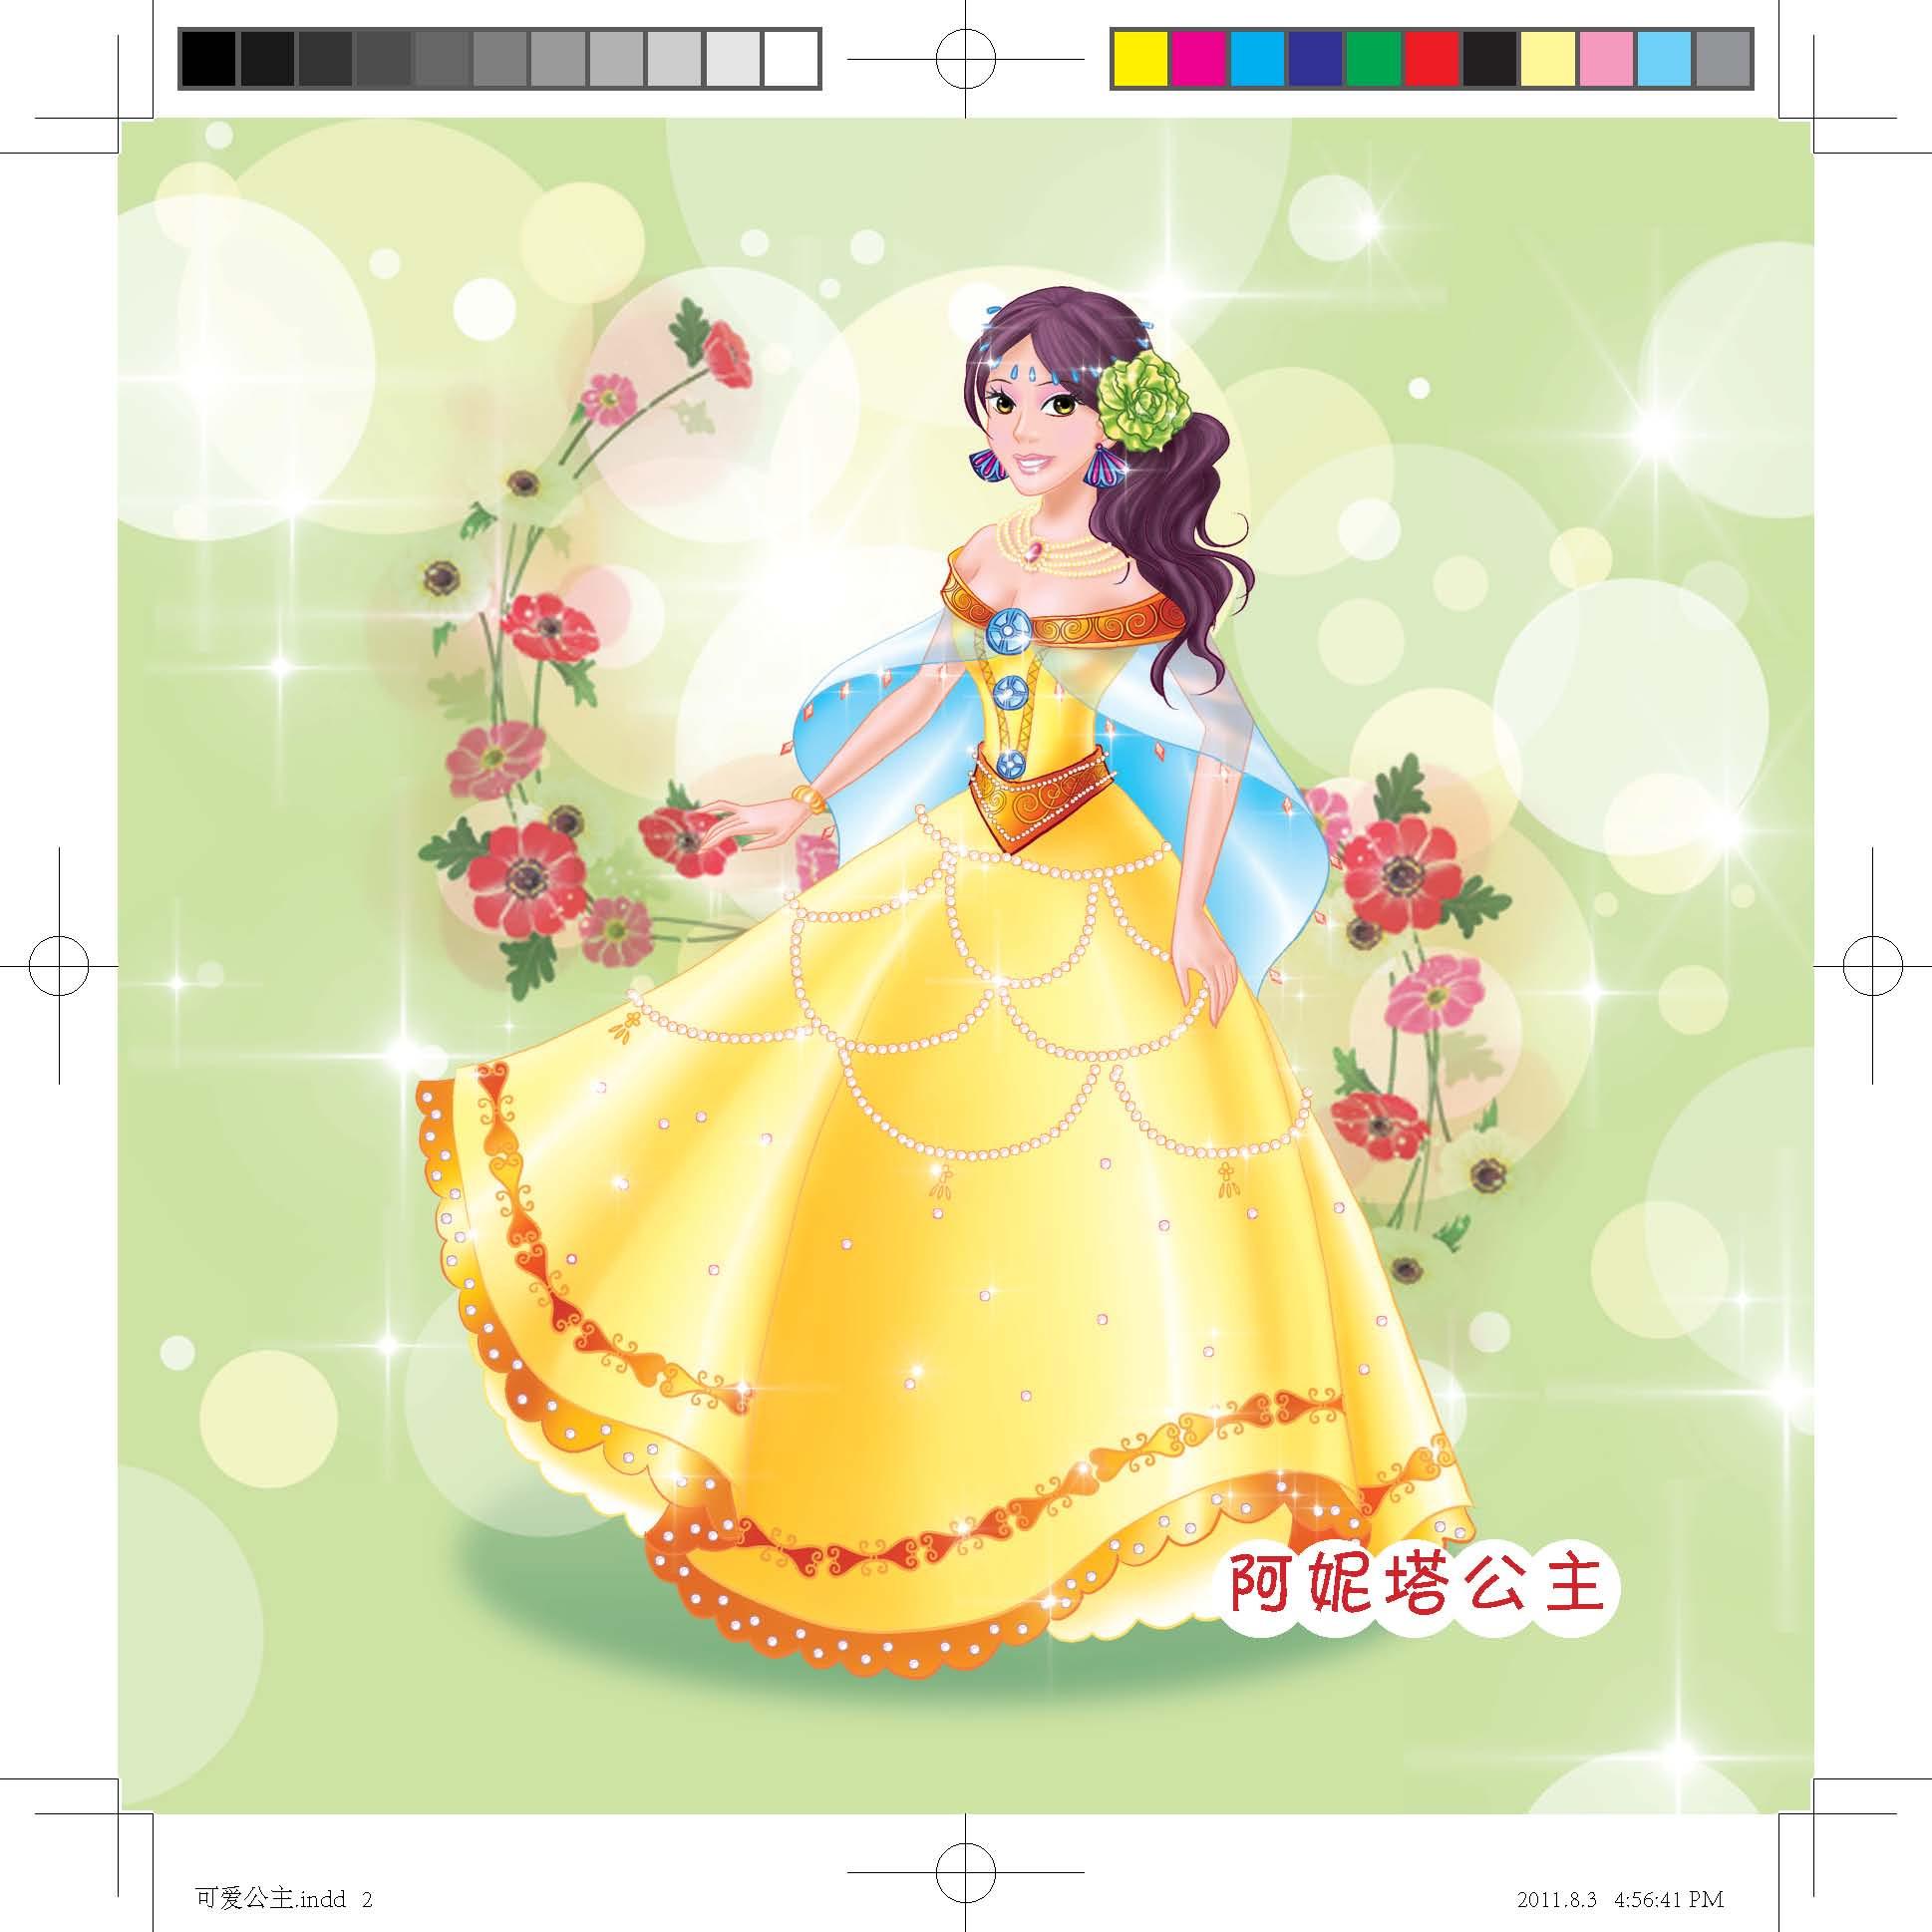 玩具礼盒:可爱公主